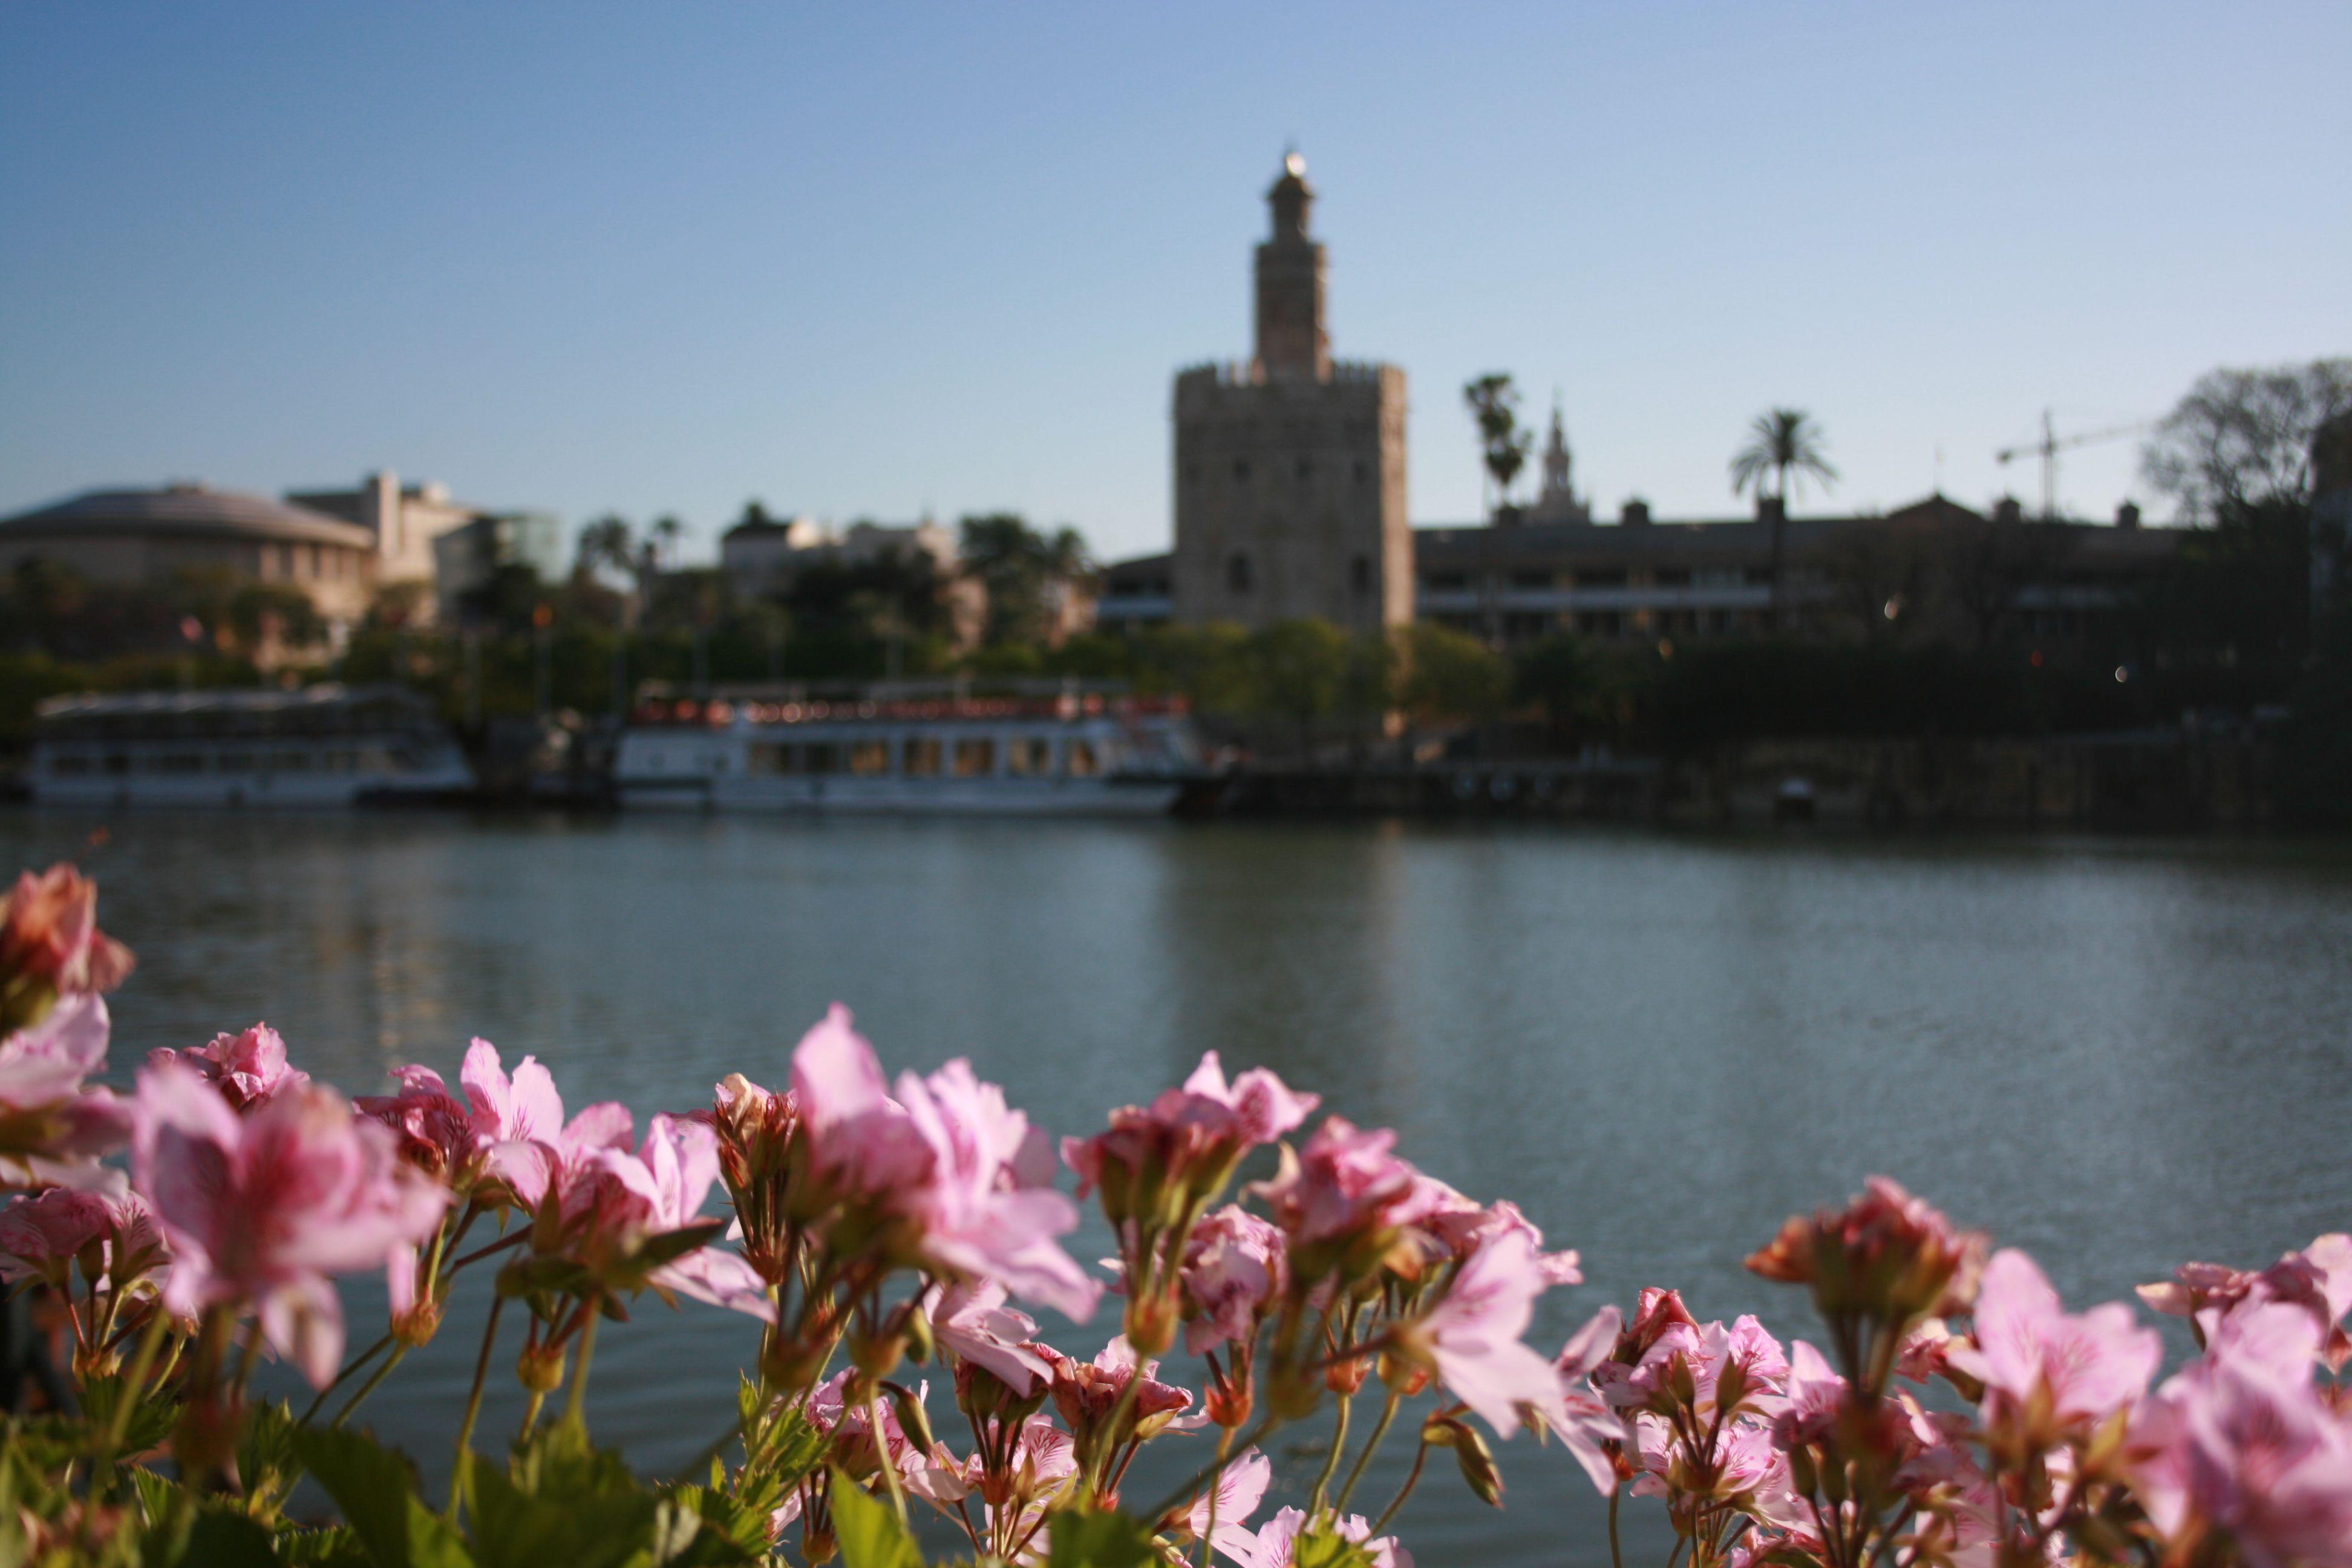 Flores en el Embarcadero. Restaurante Rio Grande, en Sevilla  http://riogrande-sevilla.com/